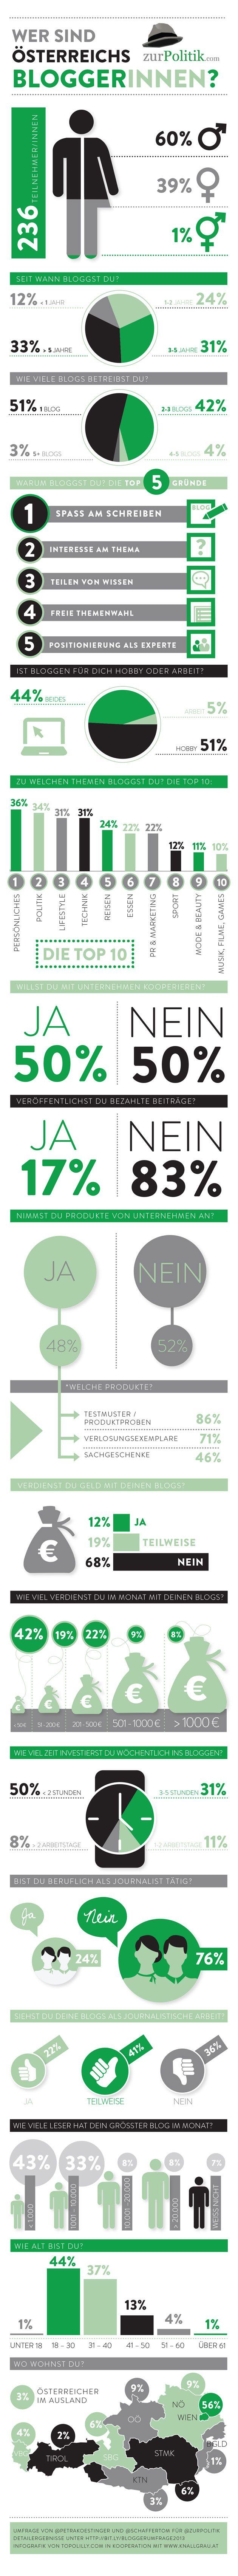 Infografik: Österreichs Blogger 2013 via @zurpolitik